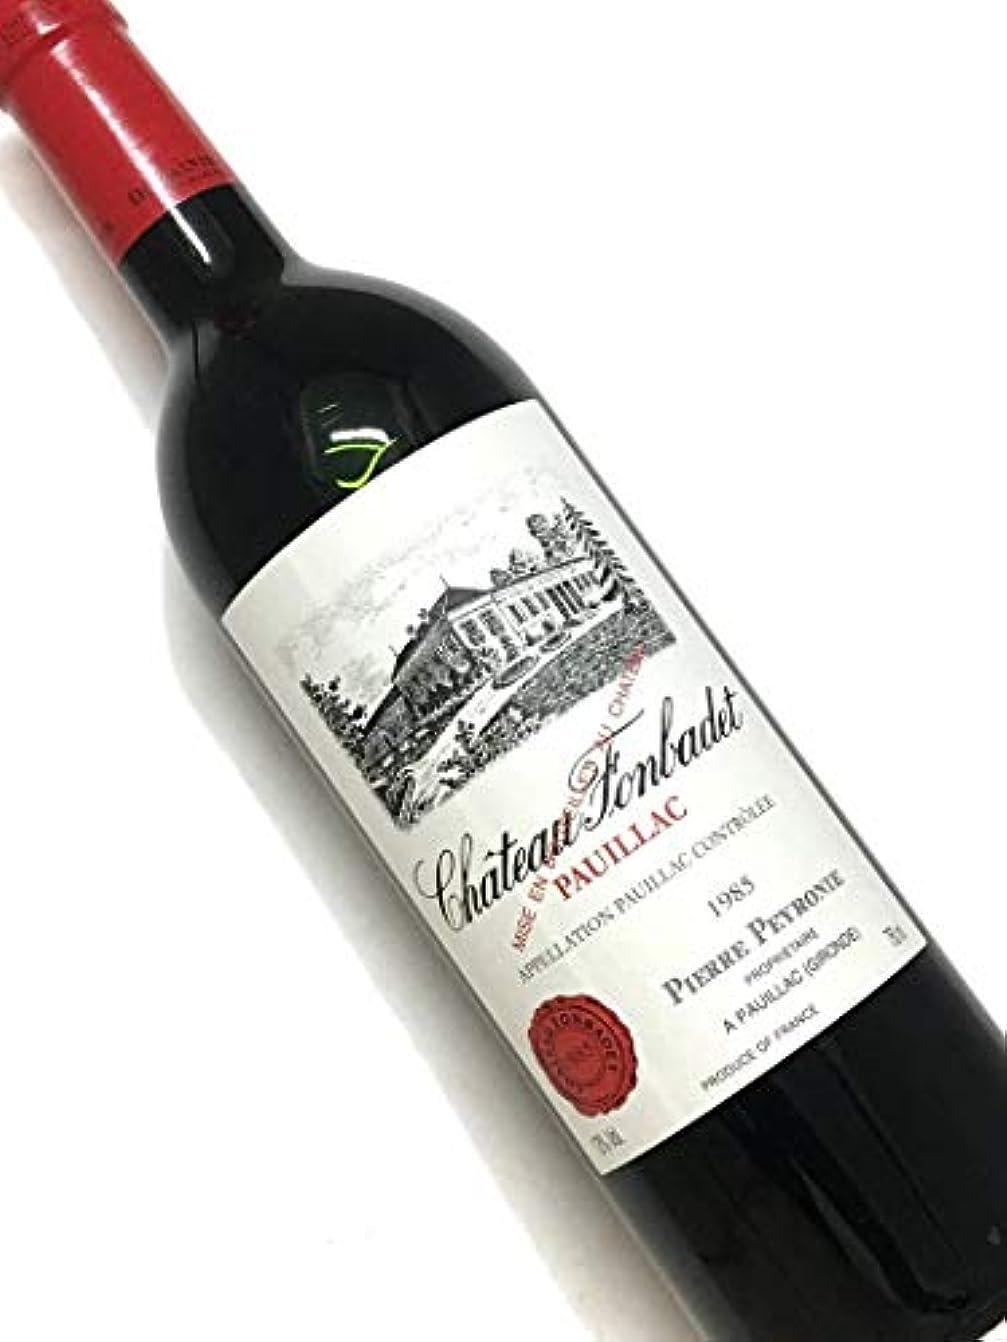 悲劇的なそんなにリットル1992年 シャトー フォンバデ 750ml フランス ボルドー 赤ワイン